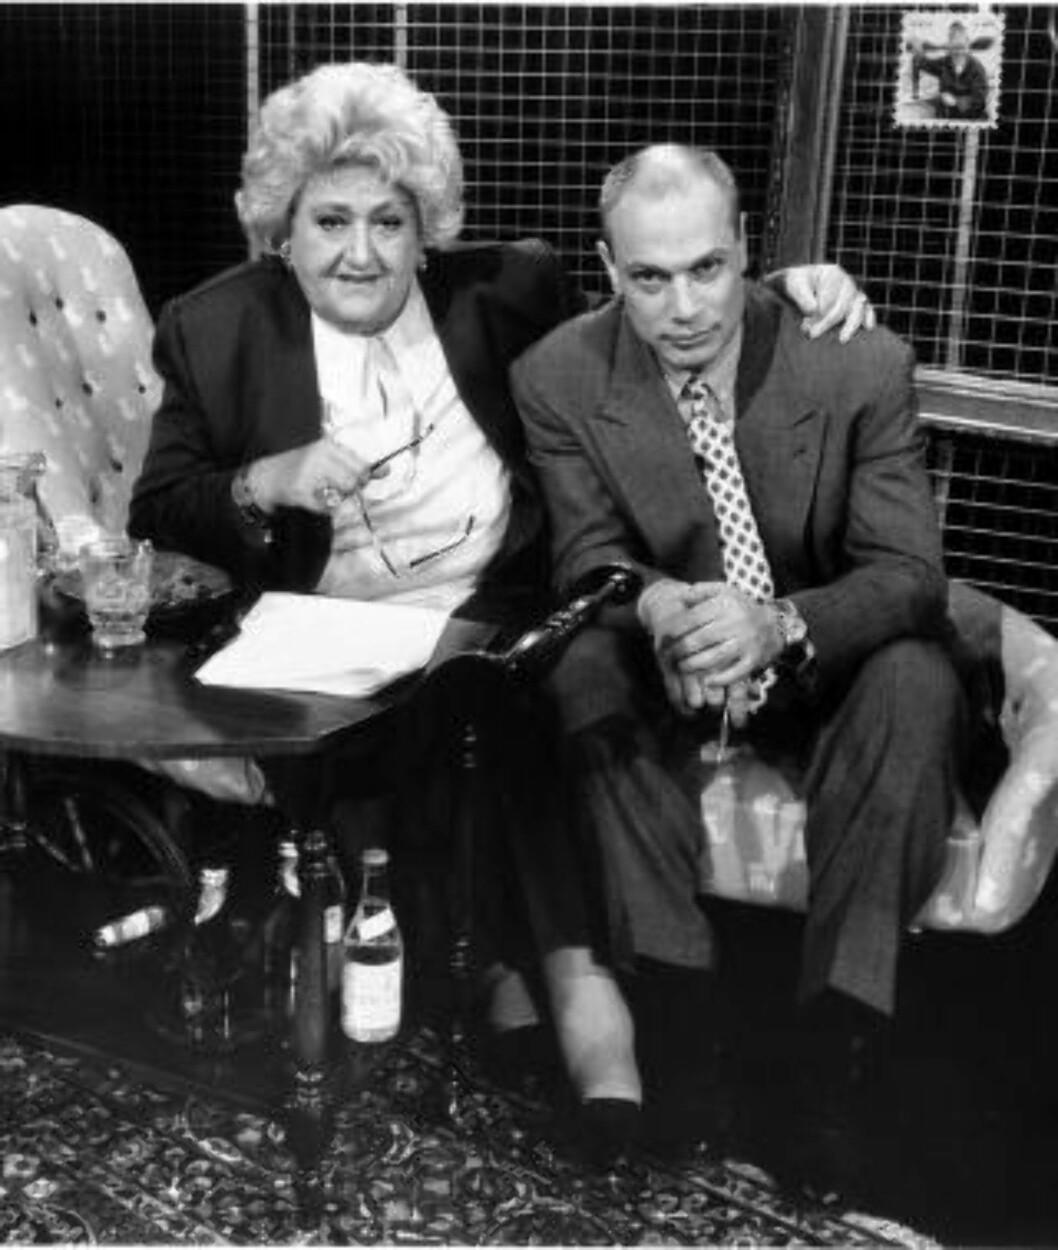 TV-SLUGGER: Mange husker Aschberg fra den kommersielle tv-alderens barndom på slutten av 80-tallet. Her i studio med Elisabeth Grannemann, cirka 1991. Foto: Anette Andersson